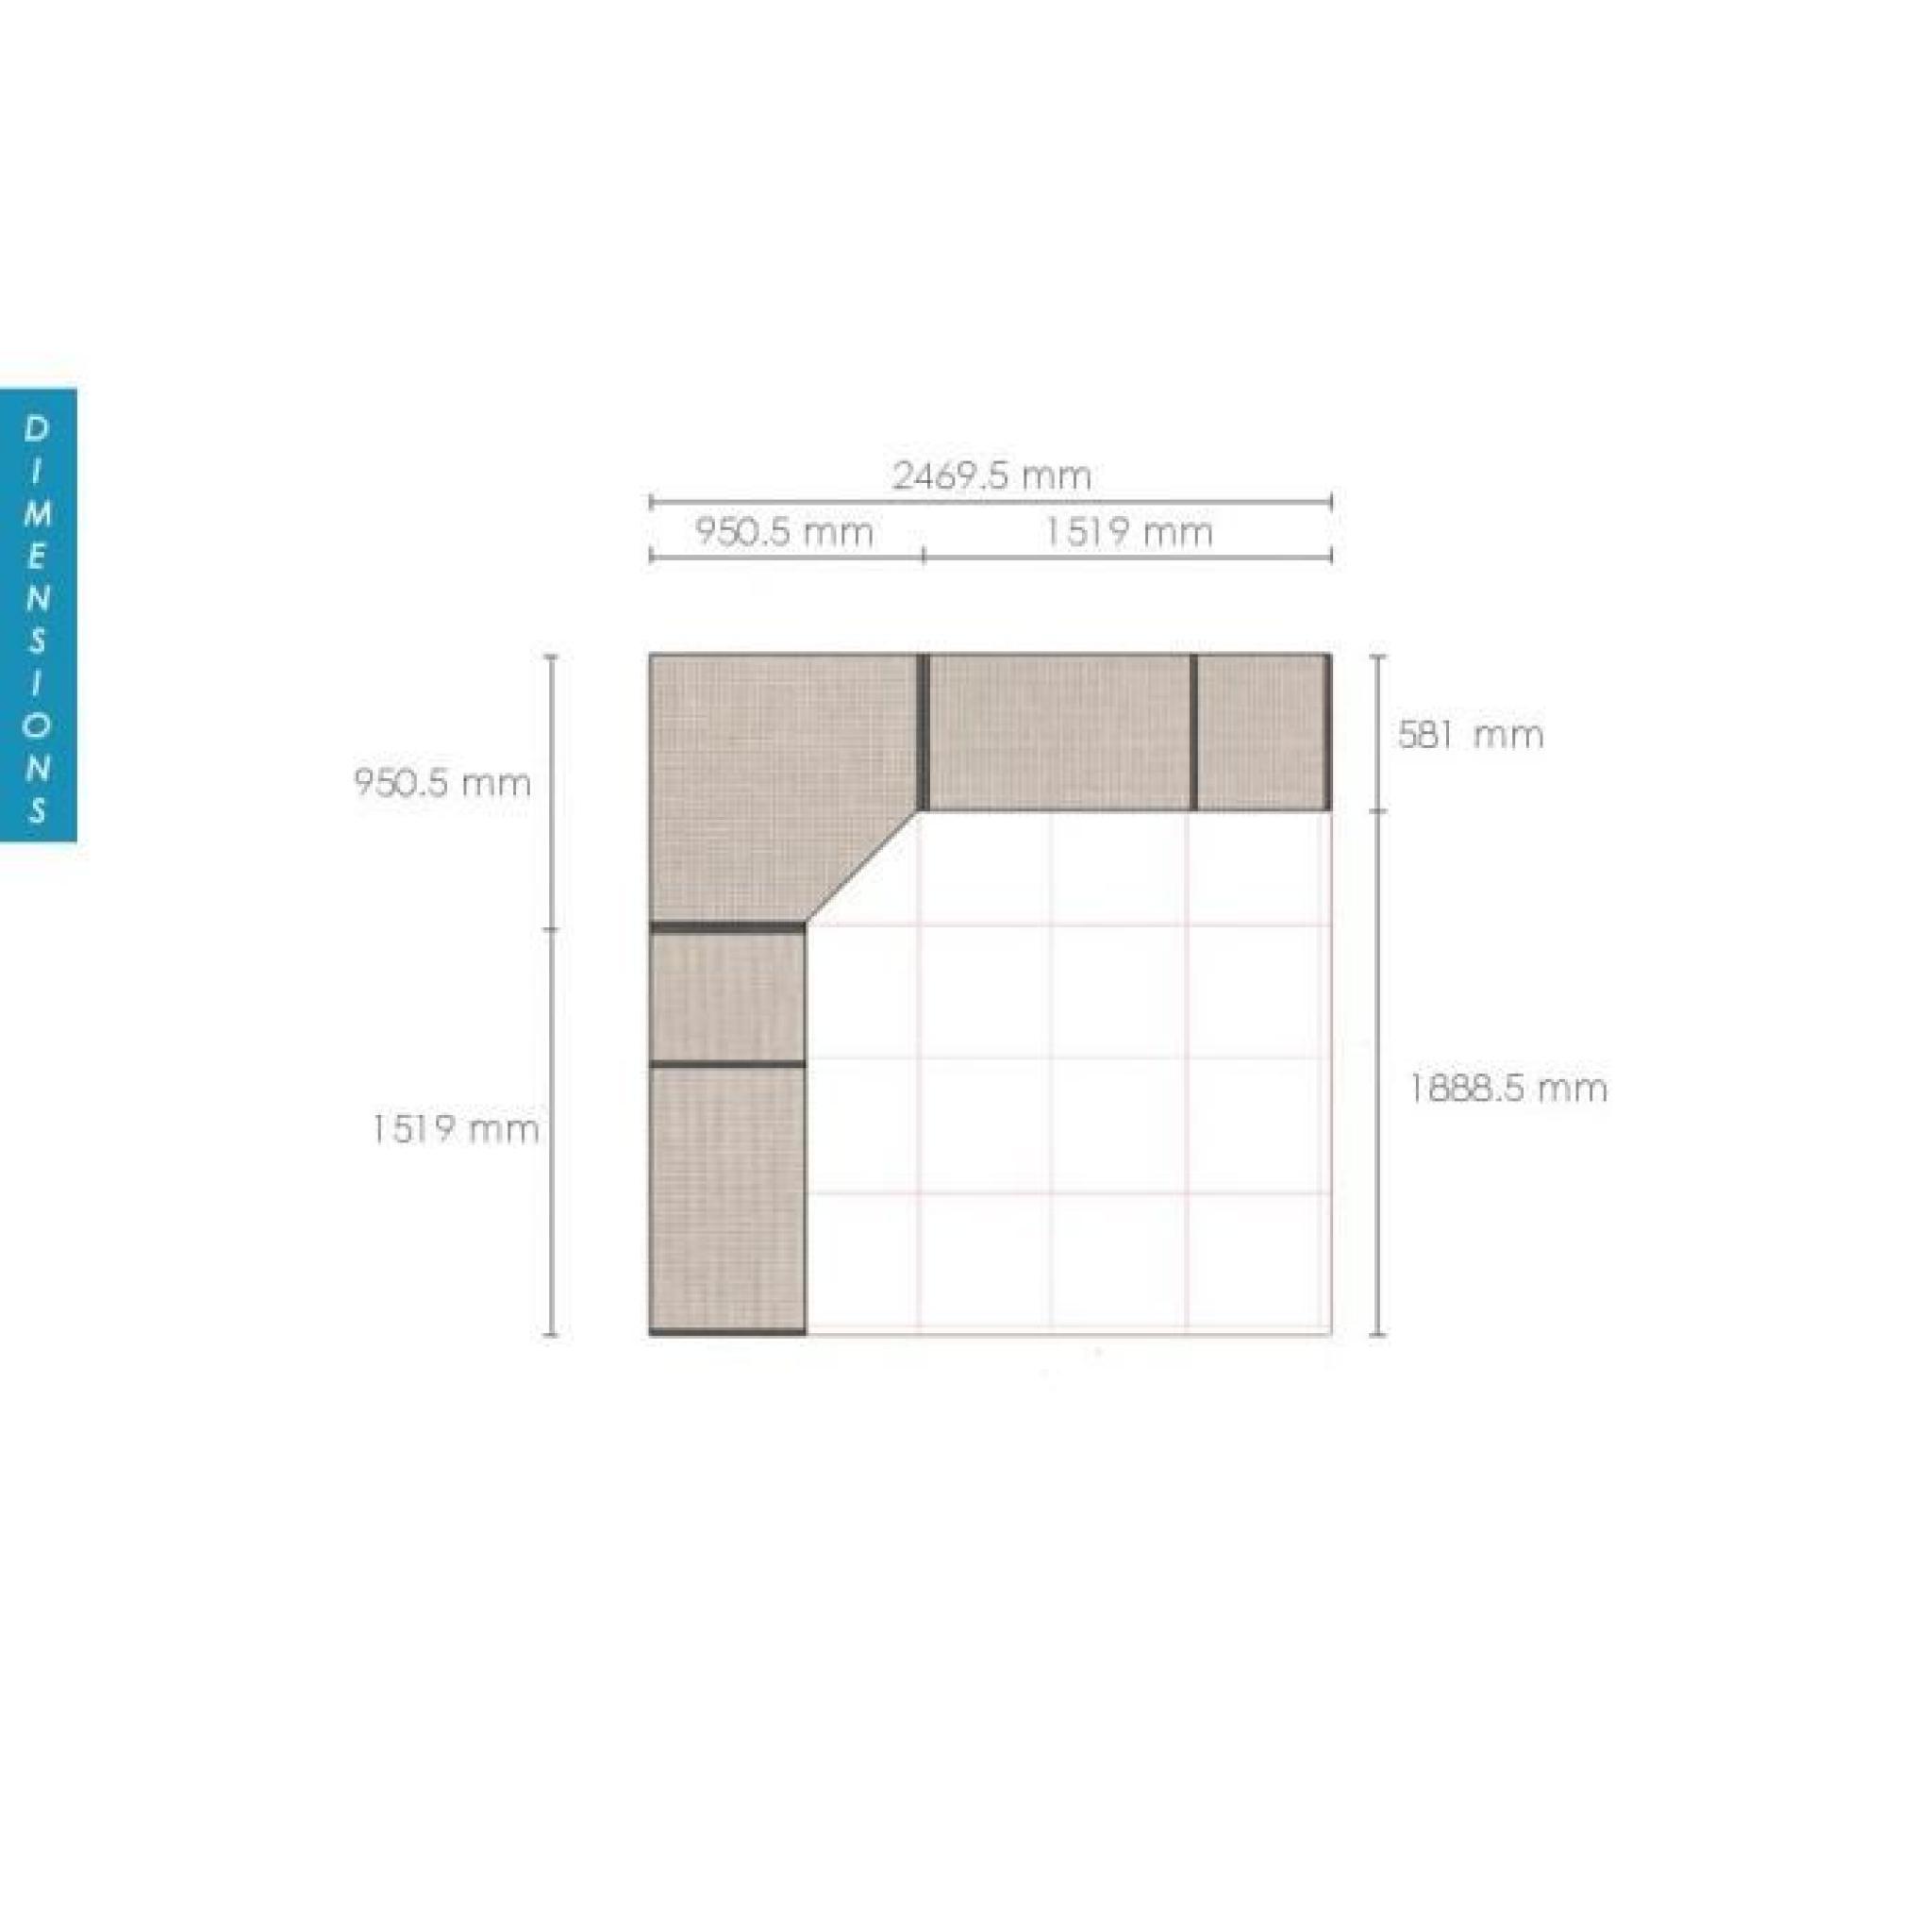 dressing d 39 angle solano l247 x l247 x h220 mixtes achat vente dressing pas cher couleur et. Black Bedroom Furniture Sets. Home Design Ideas